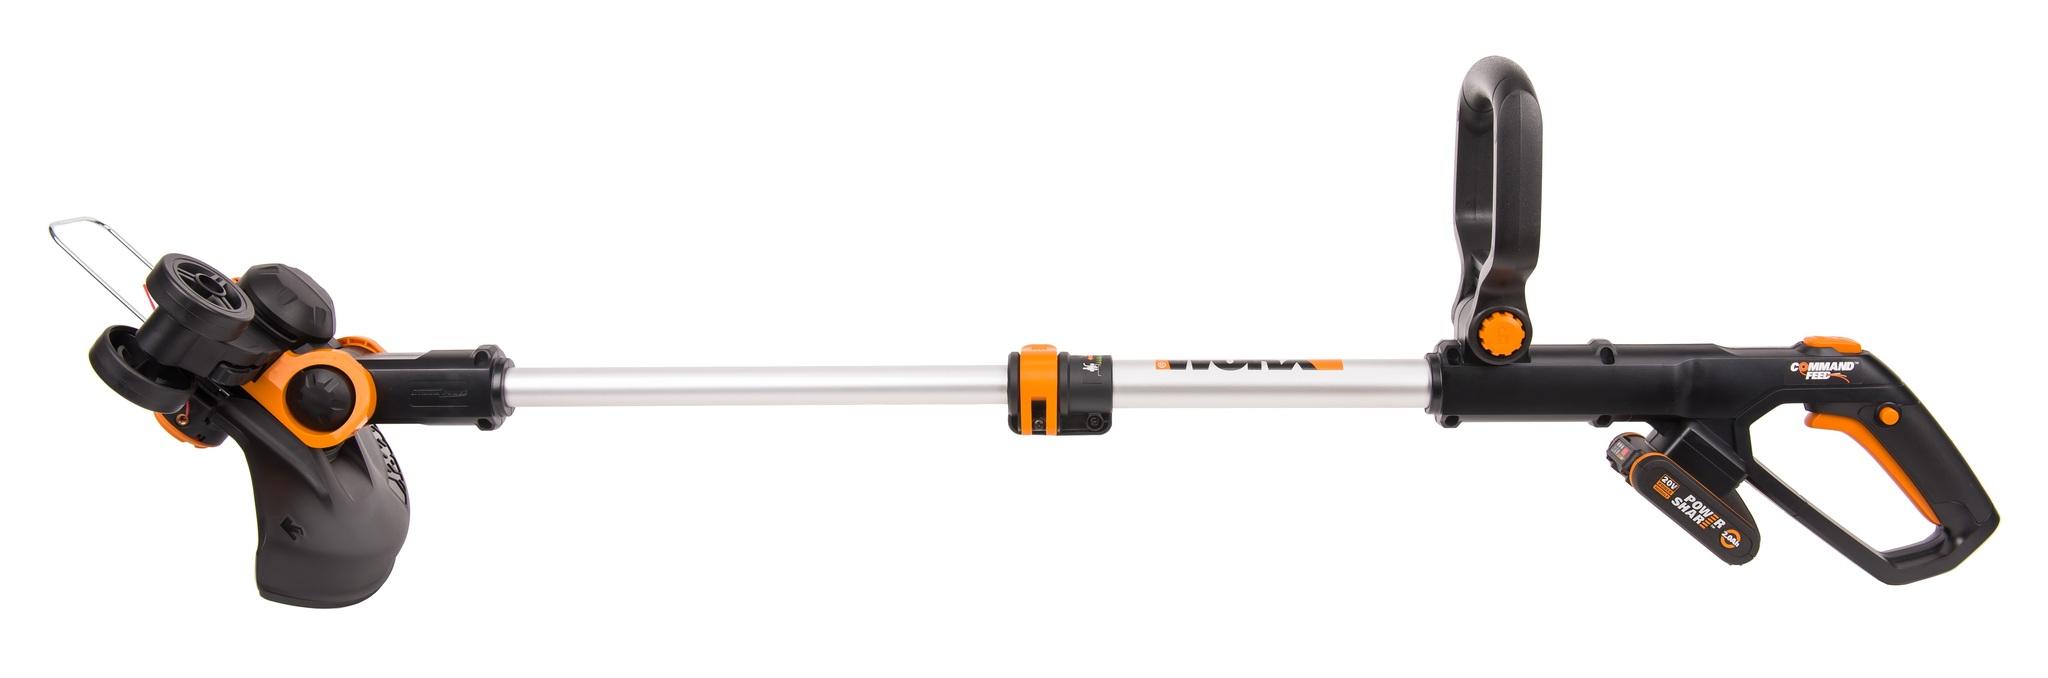 Триммер аккумуляторный WORX WP164E, 30 см, 20В, 2Ач х1, ЗУ 2А